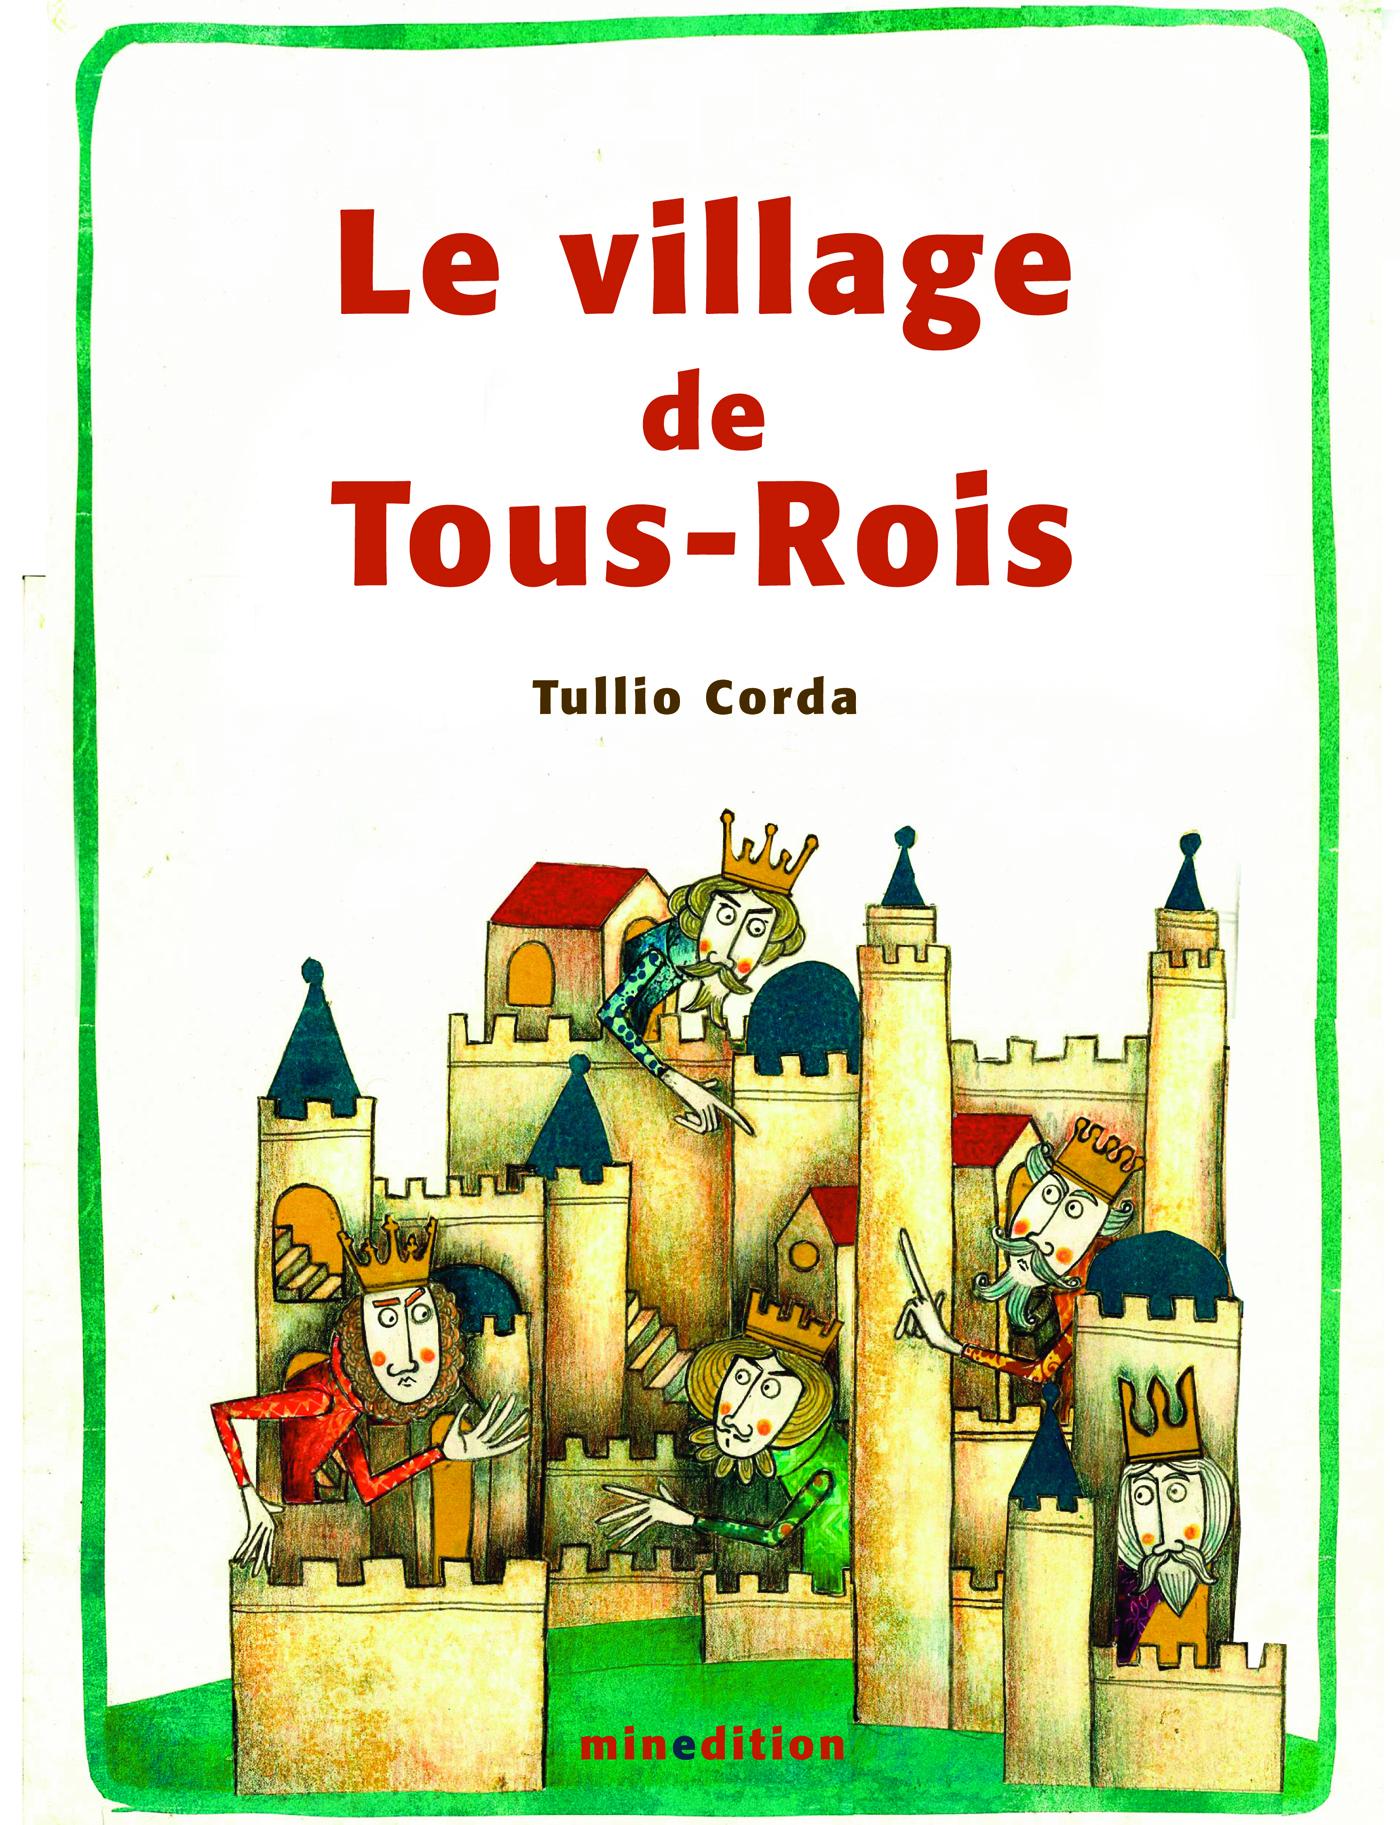 Le village de Tous-Rois